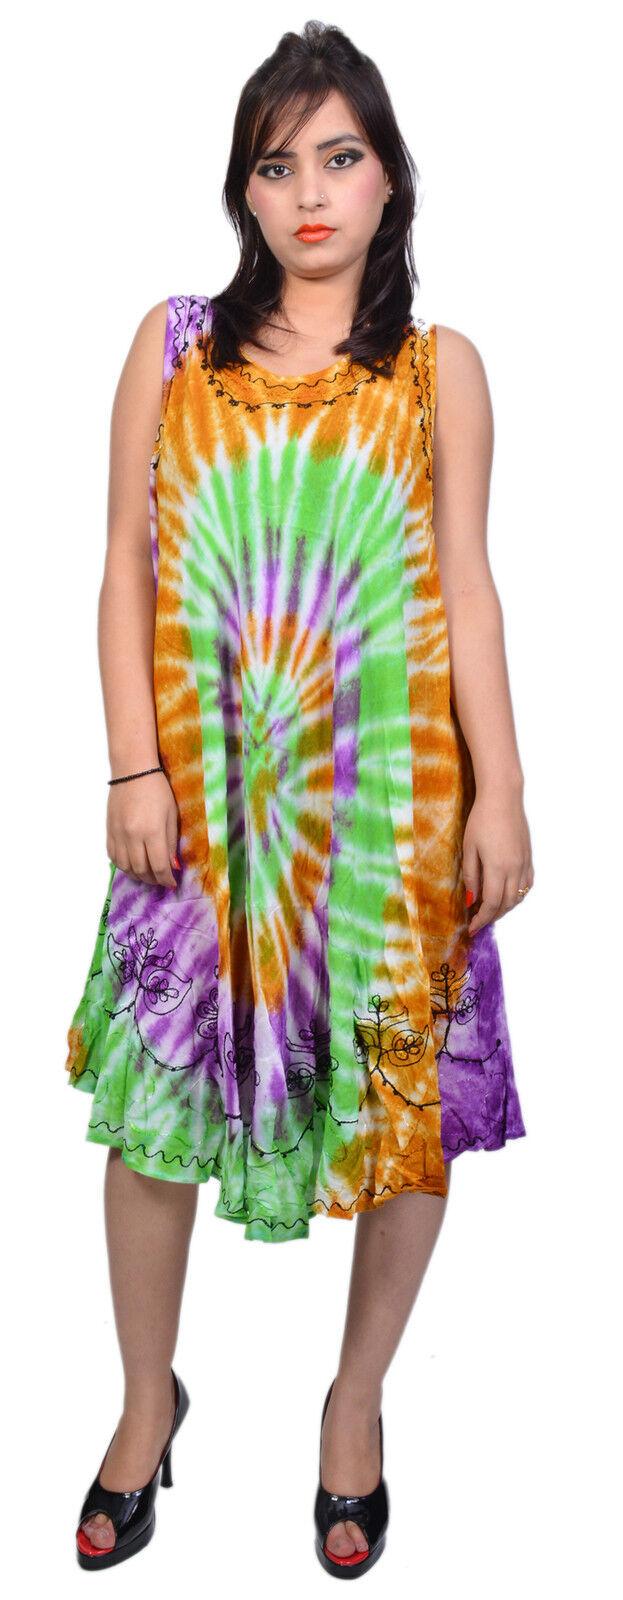 Wevez New Trendy Women Summer Casual Sleeveless Evening Party Beach Dress 10 Pcs